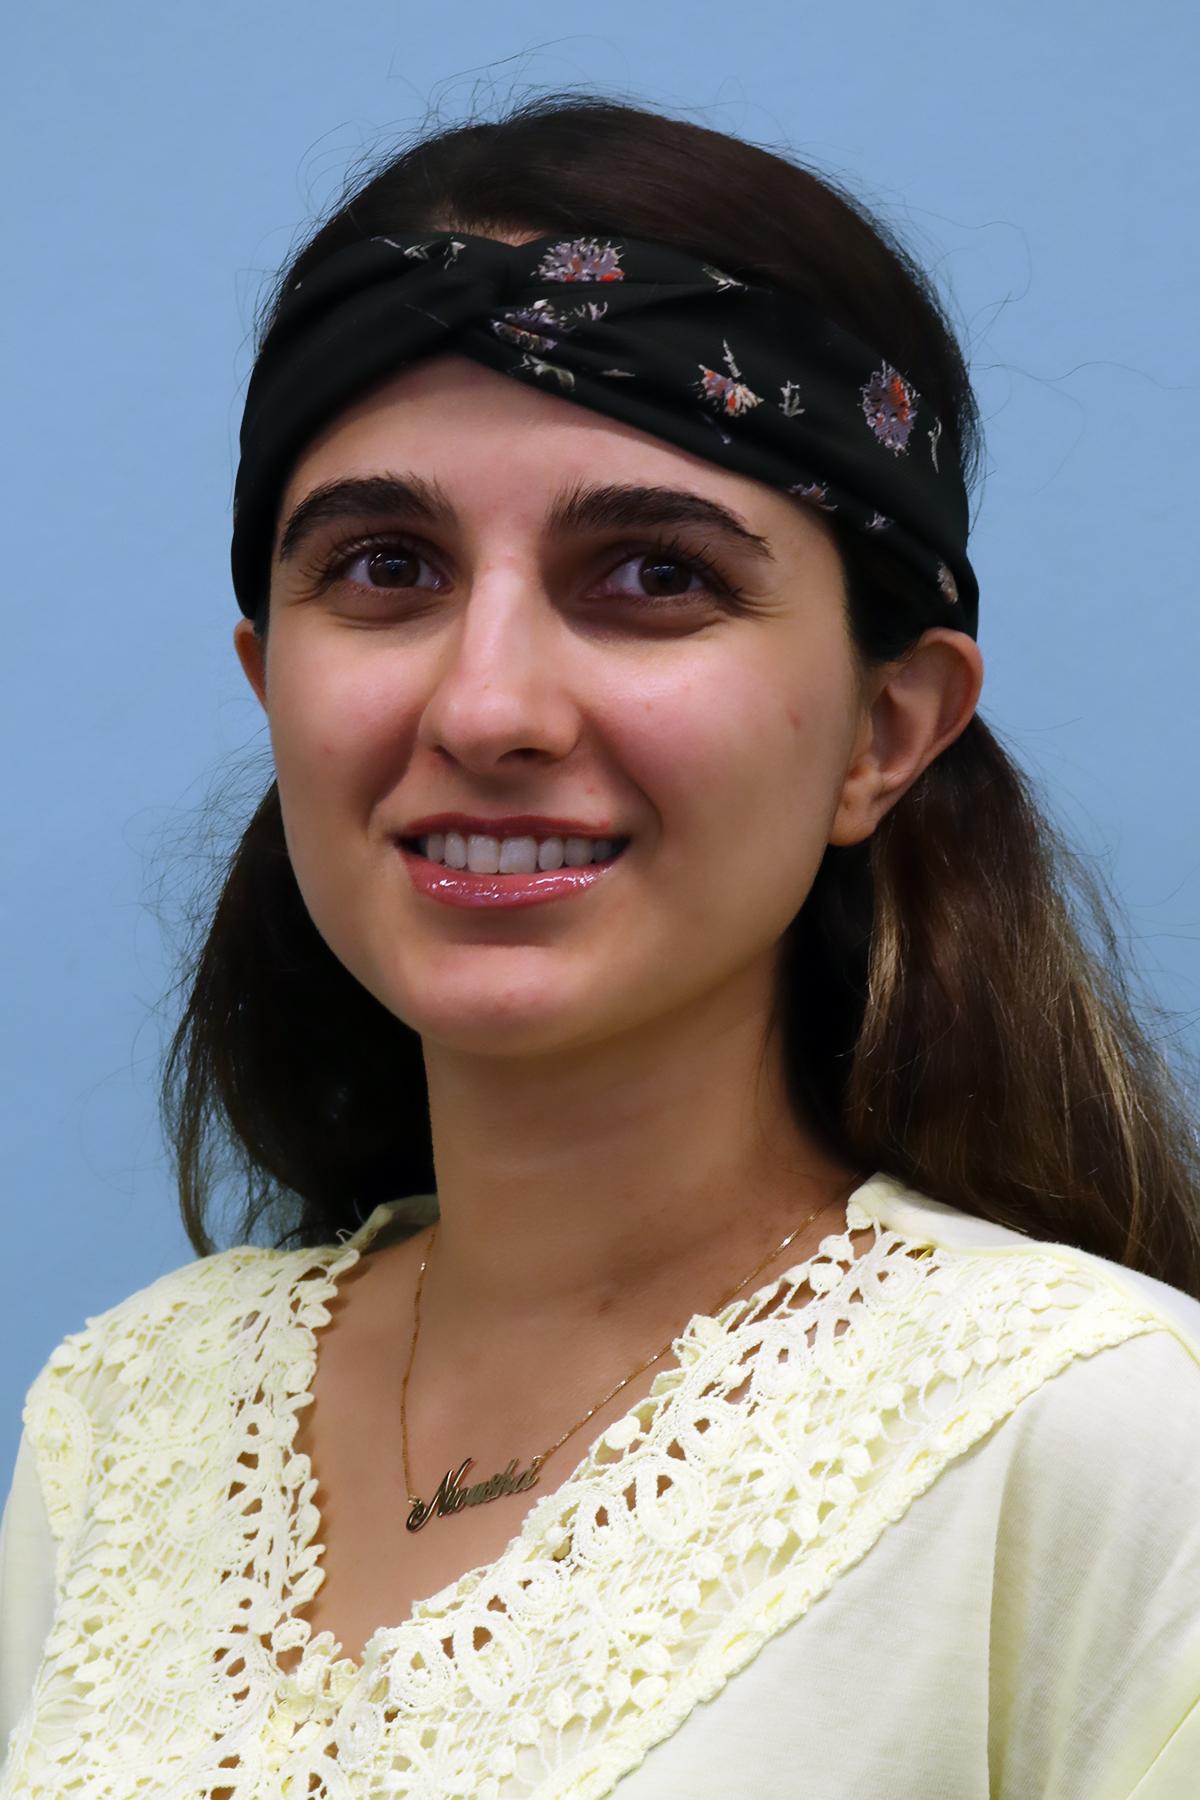 Miss Nioushasadat   Haji Seyed Javadi